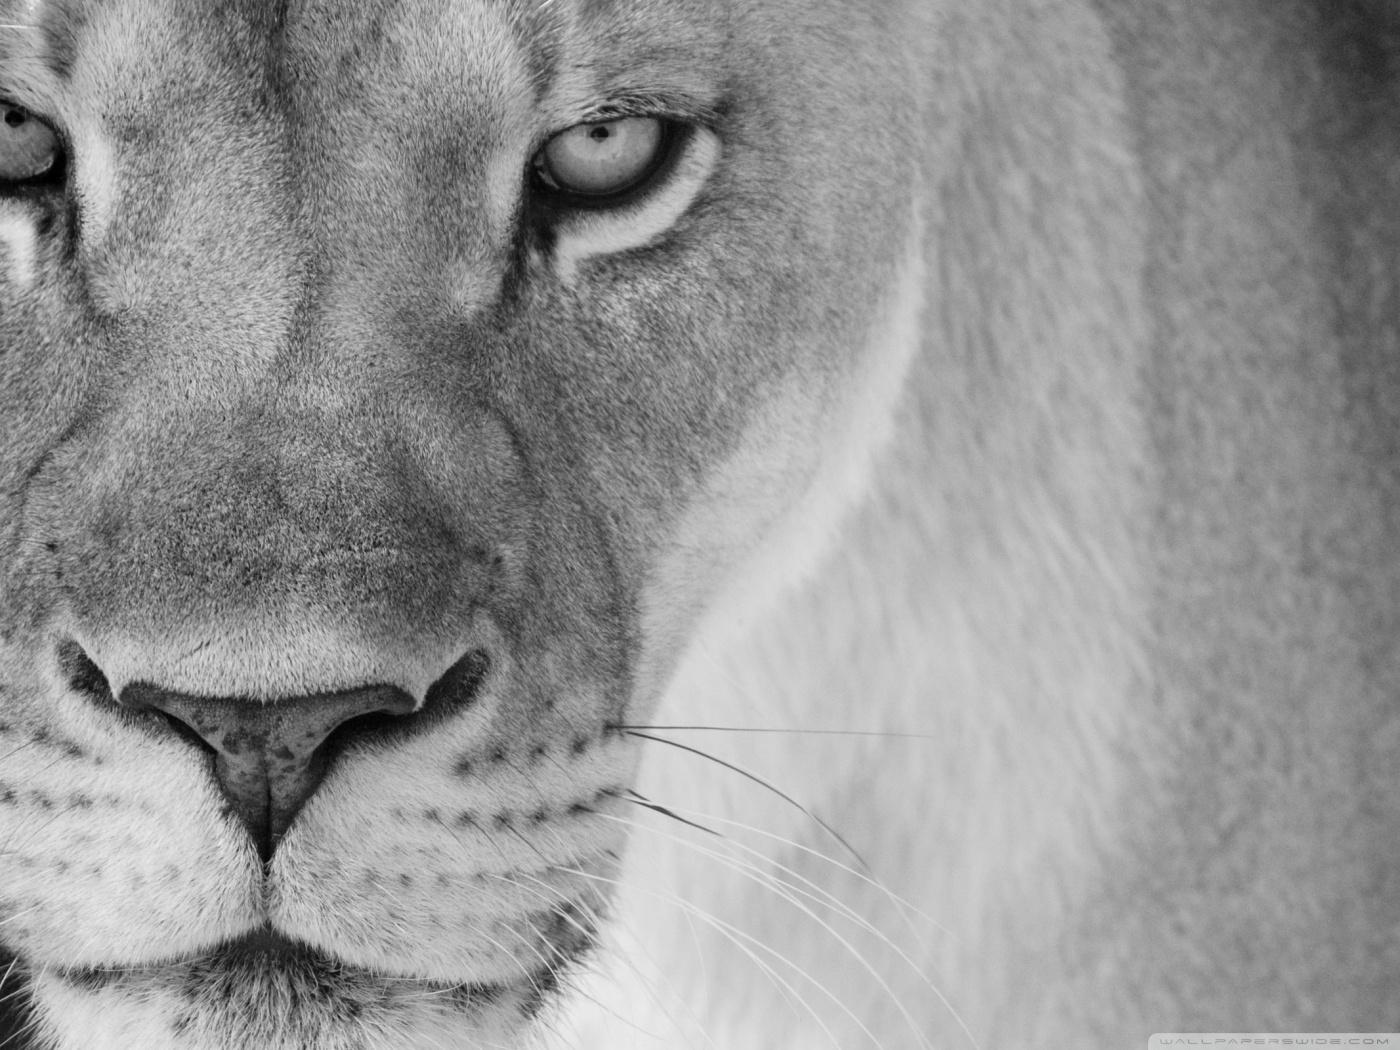 львица, скачать фото, обои на рабочий стол, lions